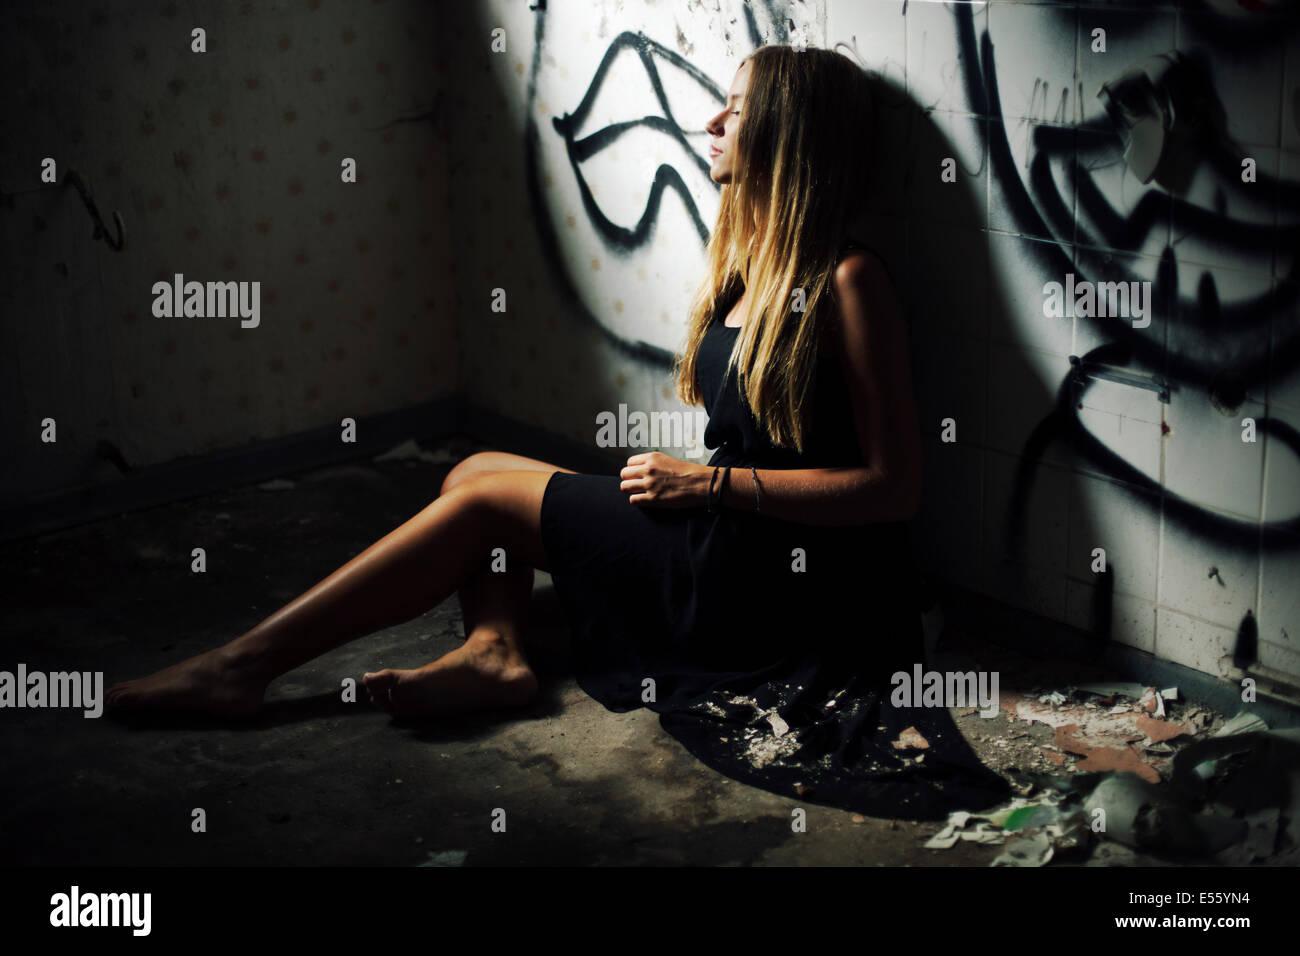 Mujer joven sentada en el suelo sucio Imagen De Stock